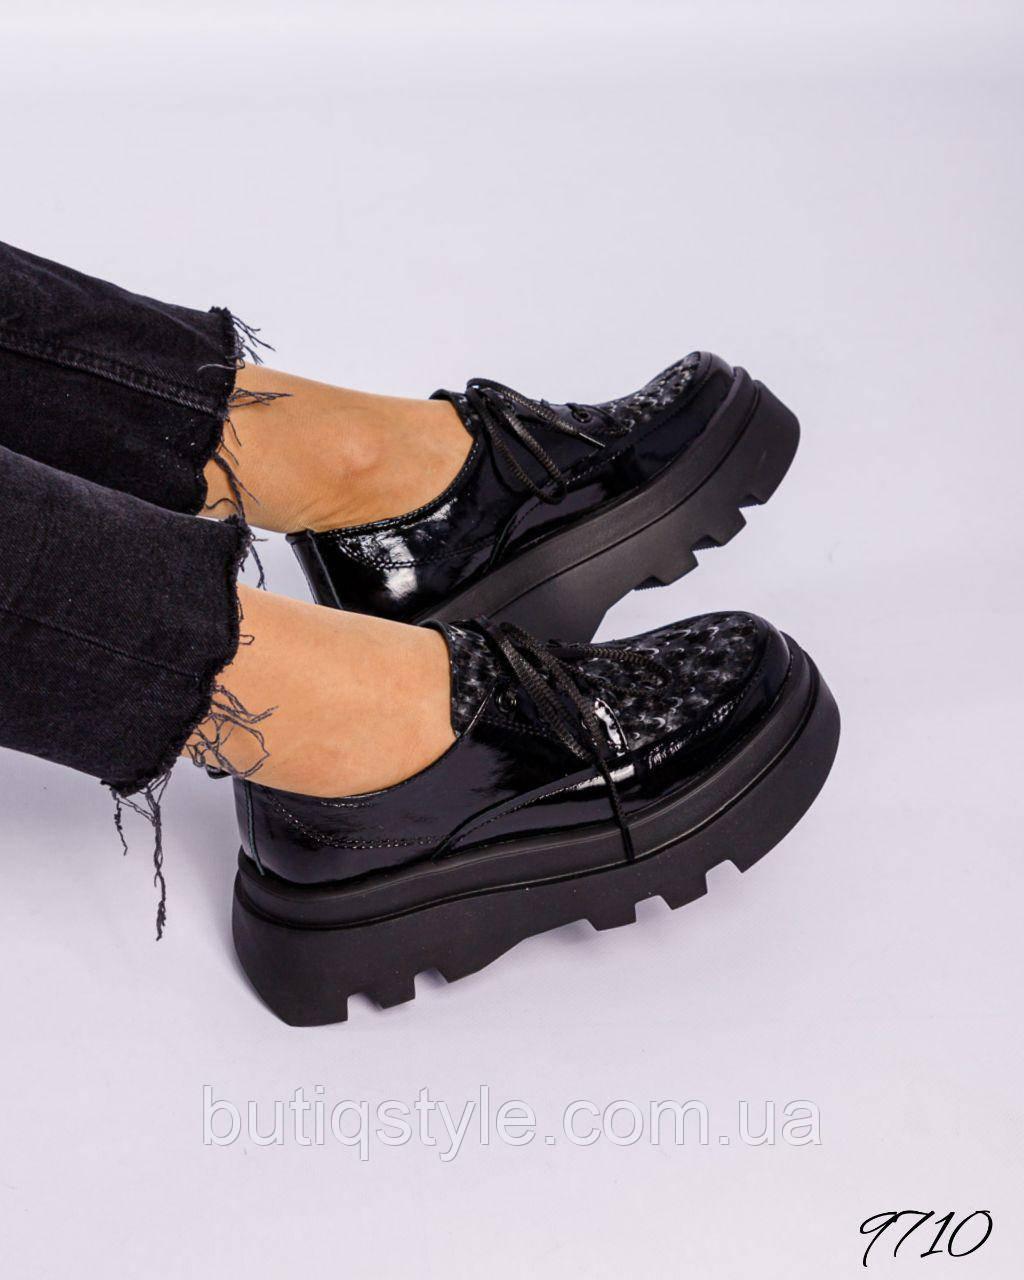 Женские черные туфли натуральная лакировая кожа на шнуровке